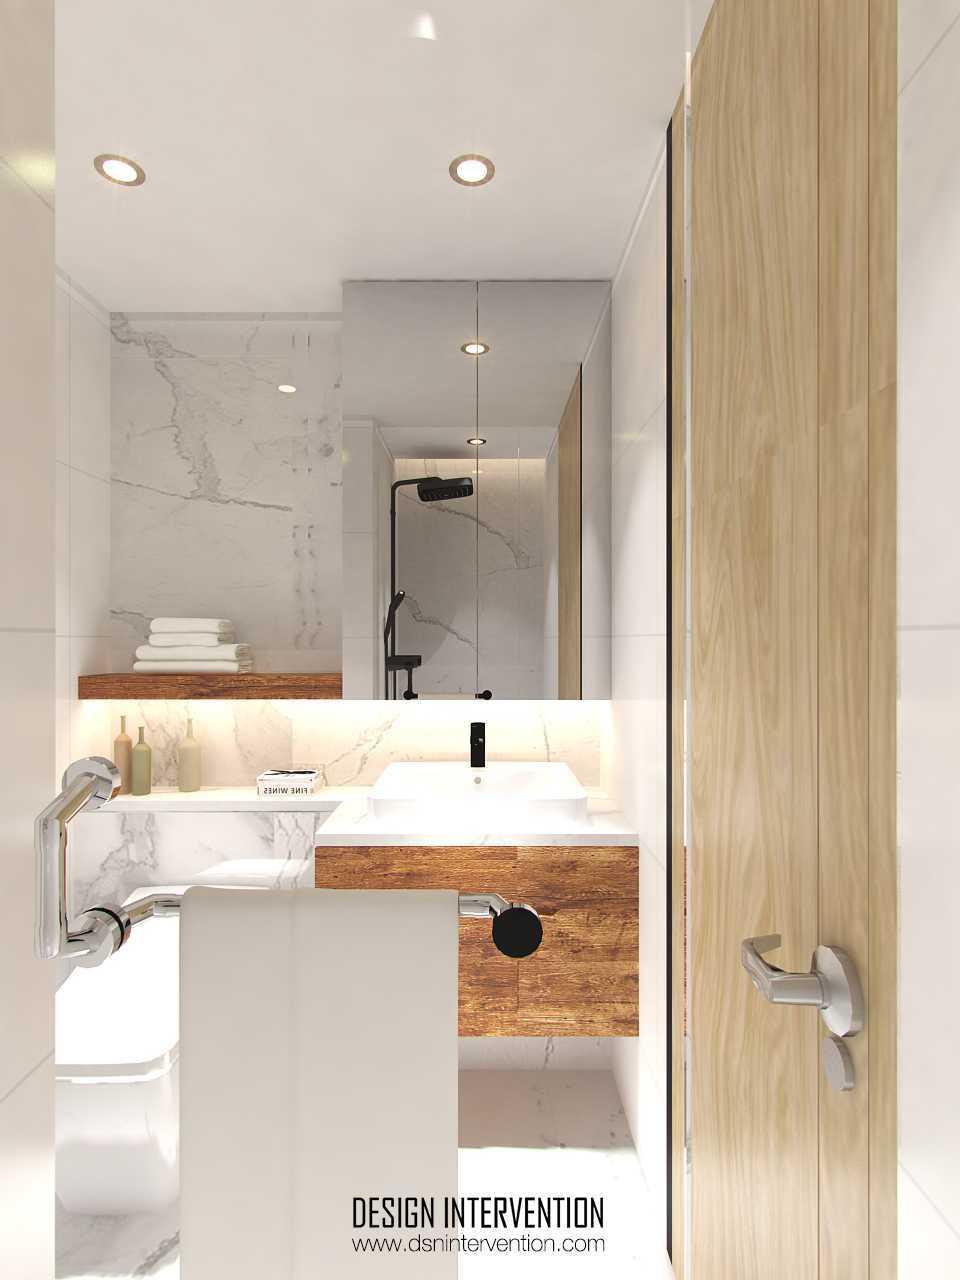 Foto inspirasi ide desain kamar mandi minimalis Bathroom-view oleh DESIGN INTERVENTION di Arsitag